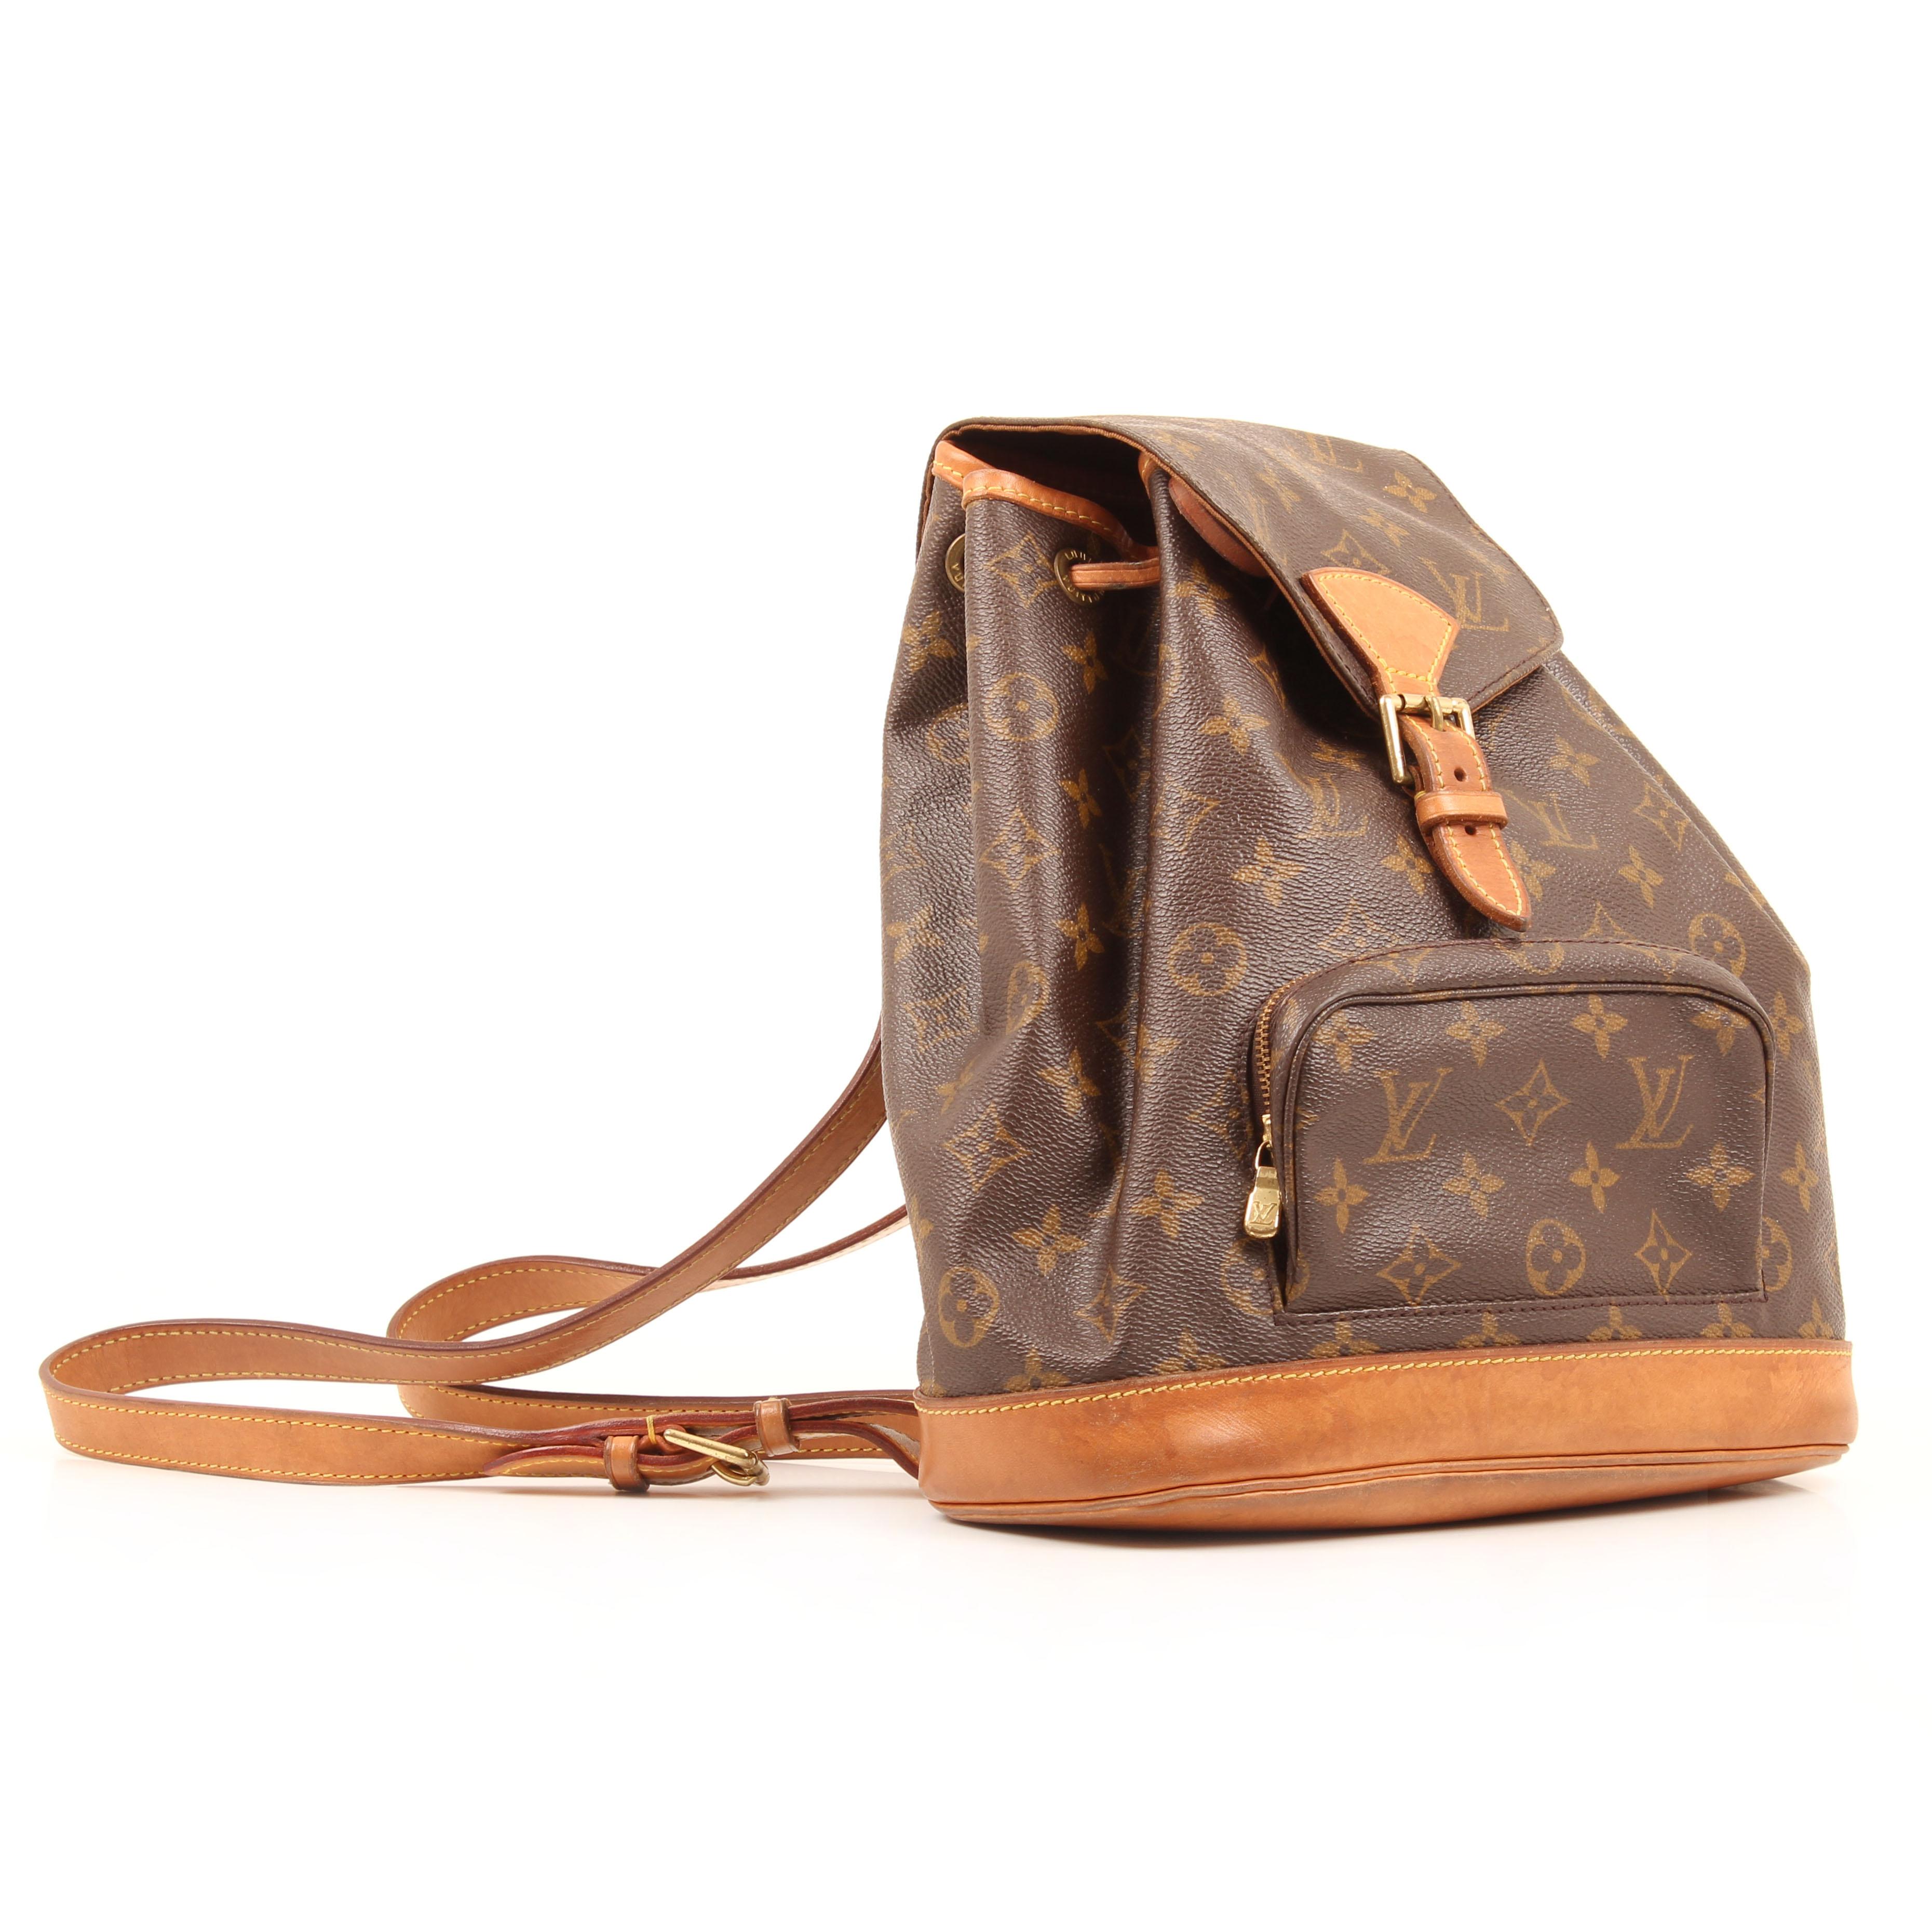 backpack louis vuitton montsouris pm monogram vintage general